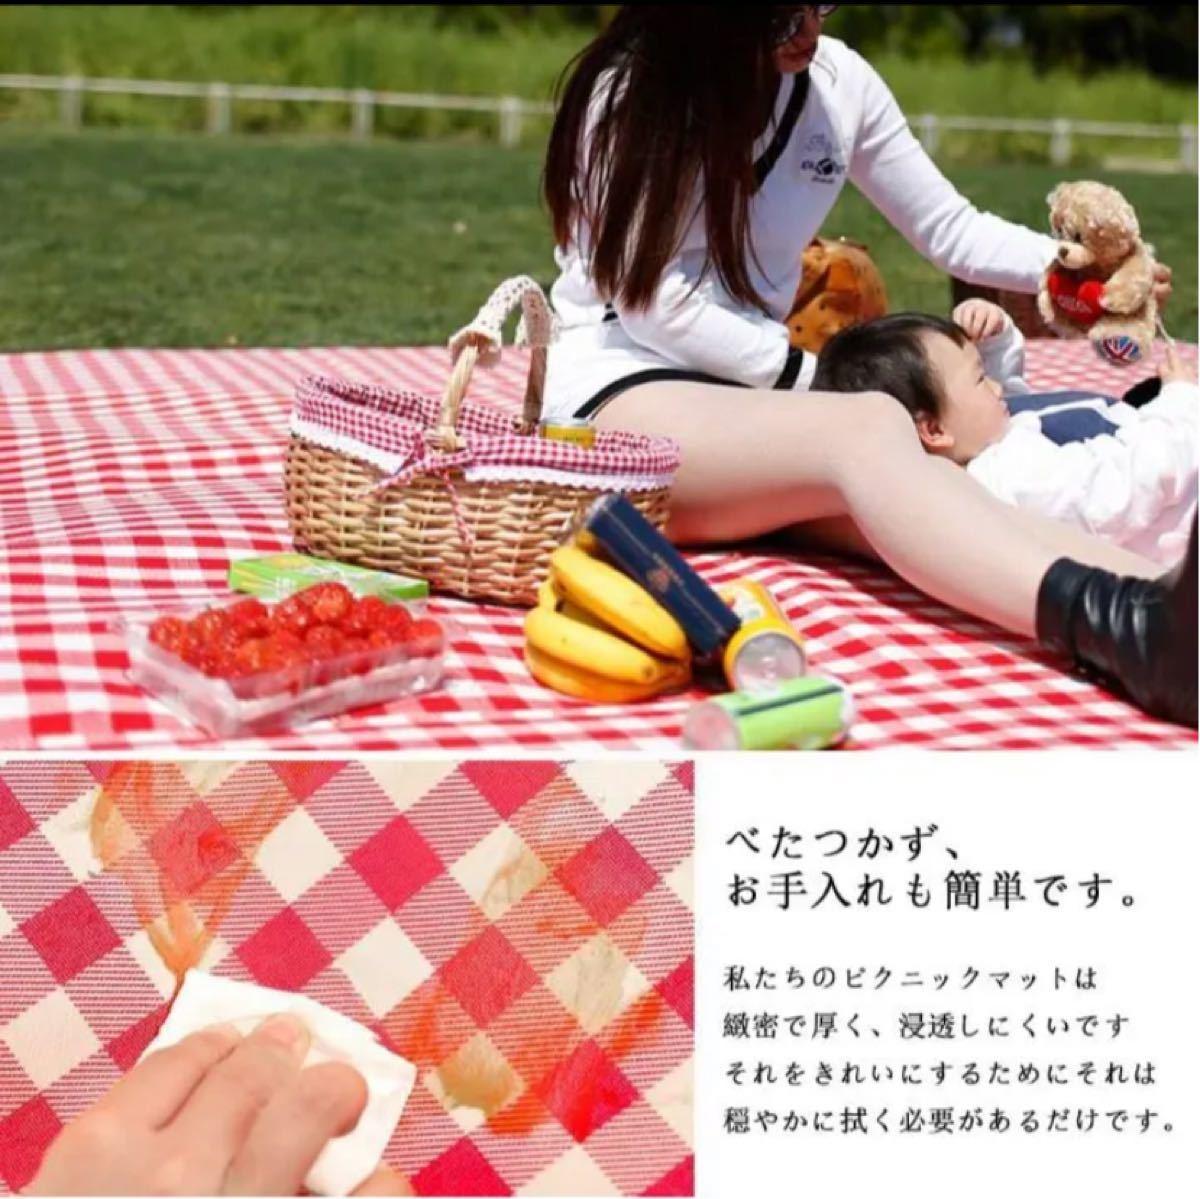 新品 ピクニック レジャーシート マット チェック柄 収納袋付き ショルダー型